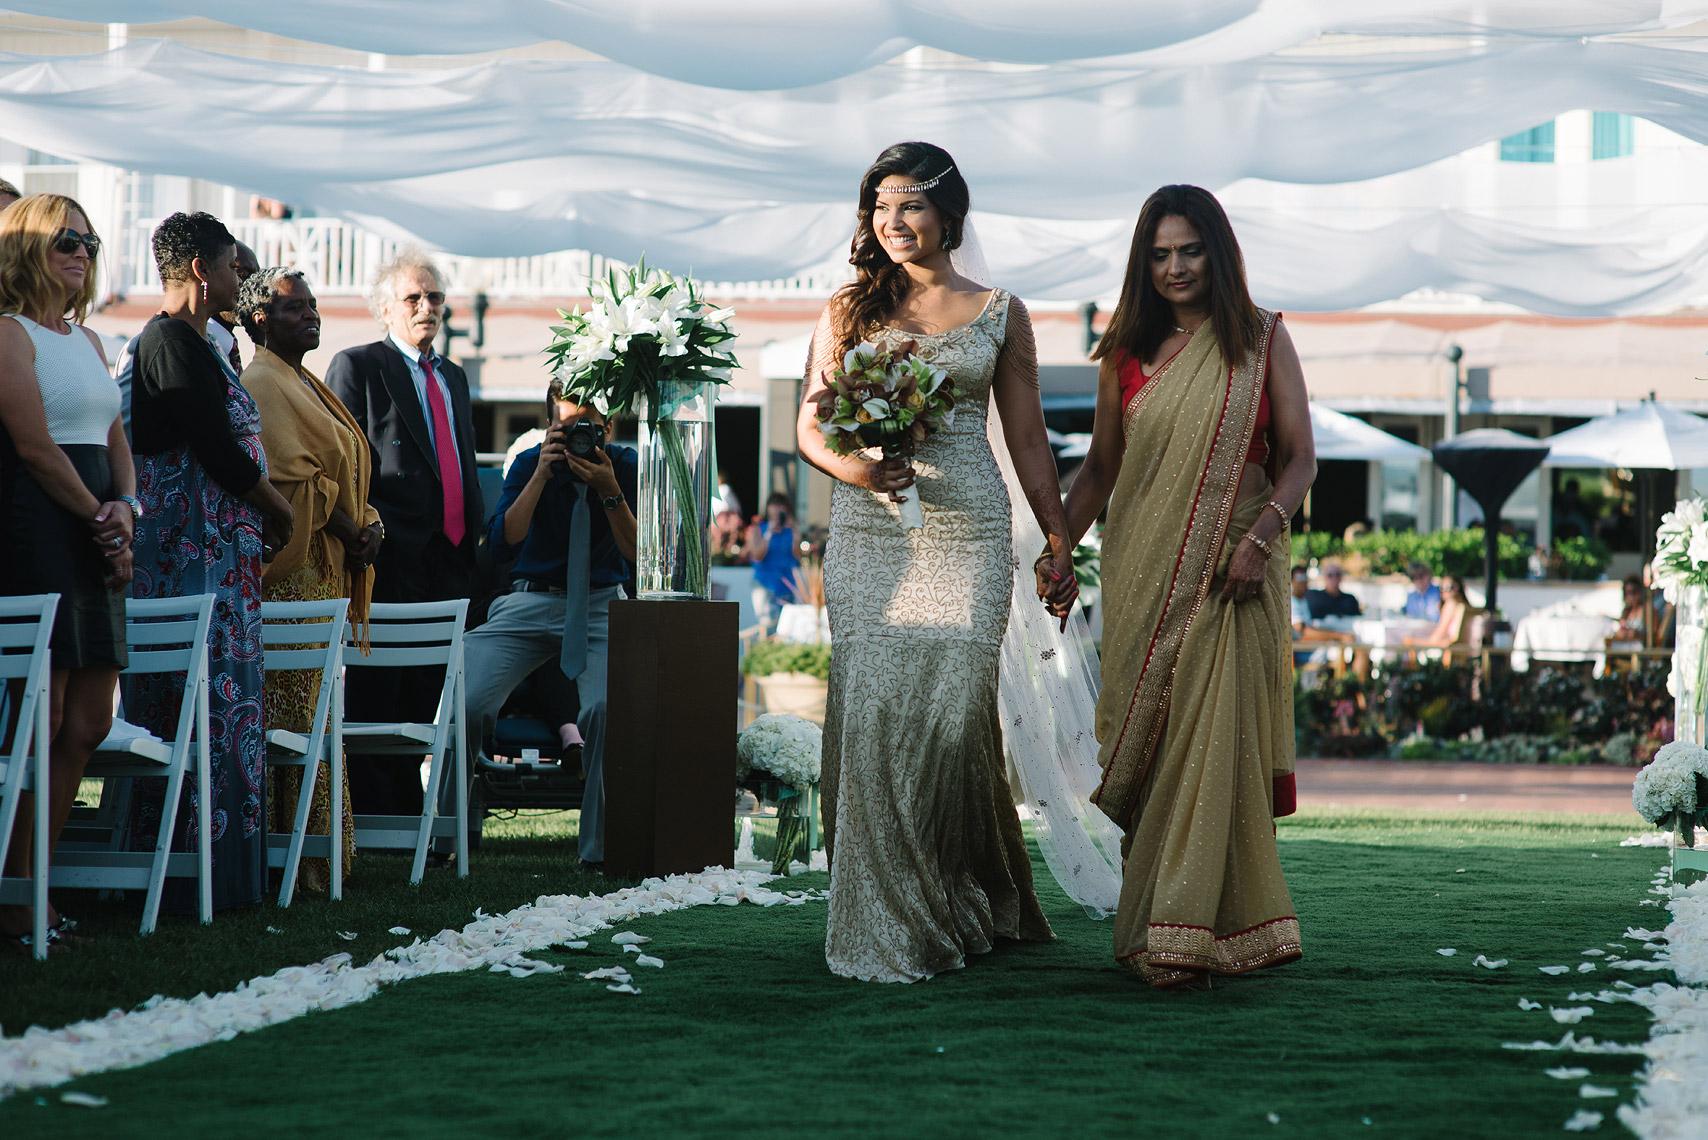 11-hotel-del-coronado-celebrity-wedding.jpg